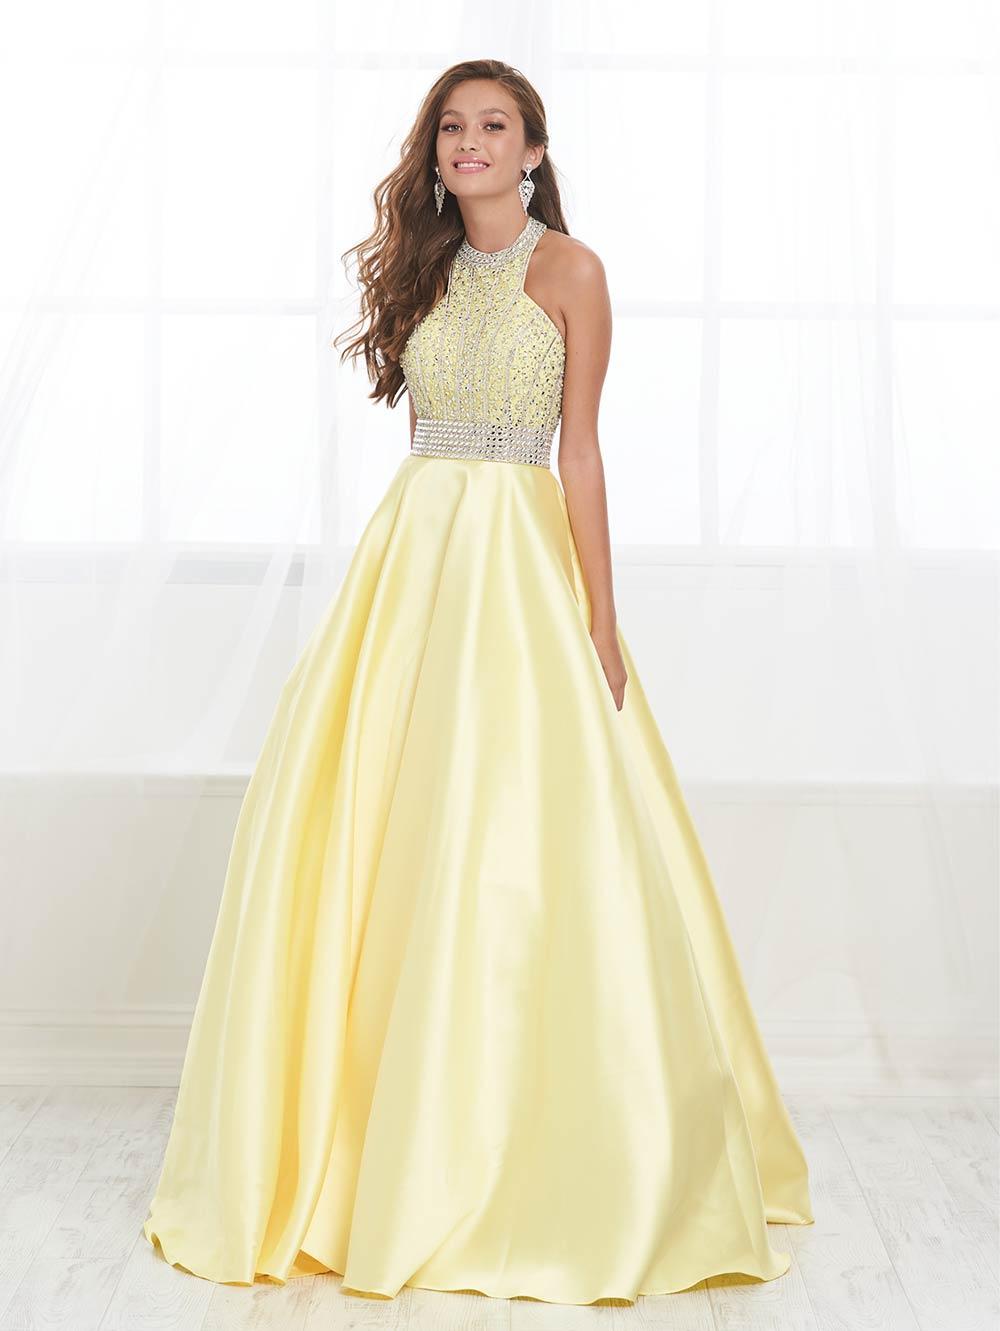 prom-dresses-jacquelin-bridals-canada-27666